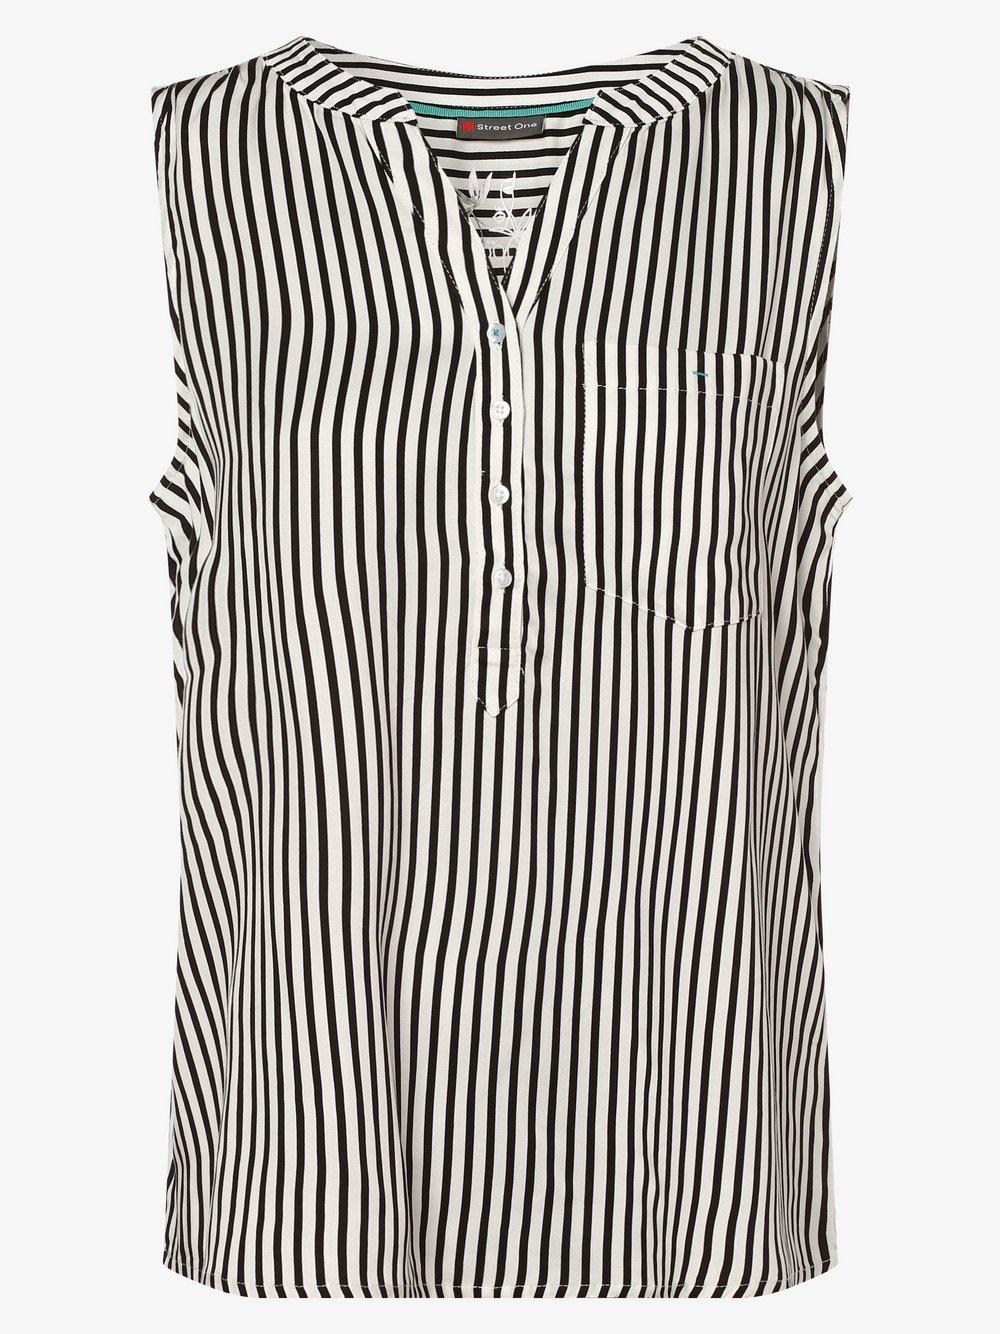 Street One – Damska bluzka bez rękawów, biały Van Graaf 483901-0001-00360